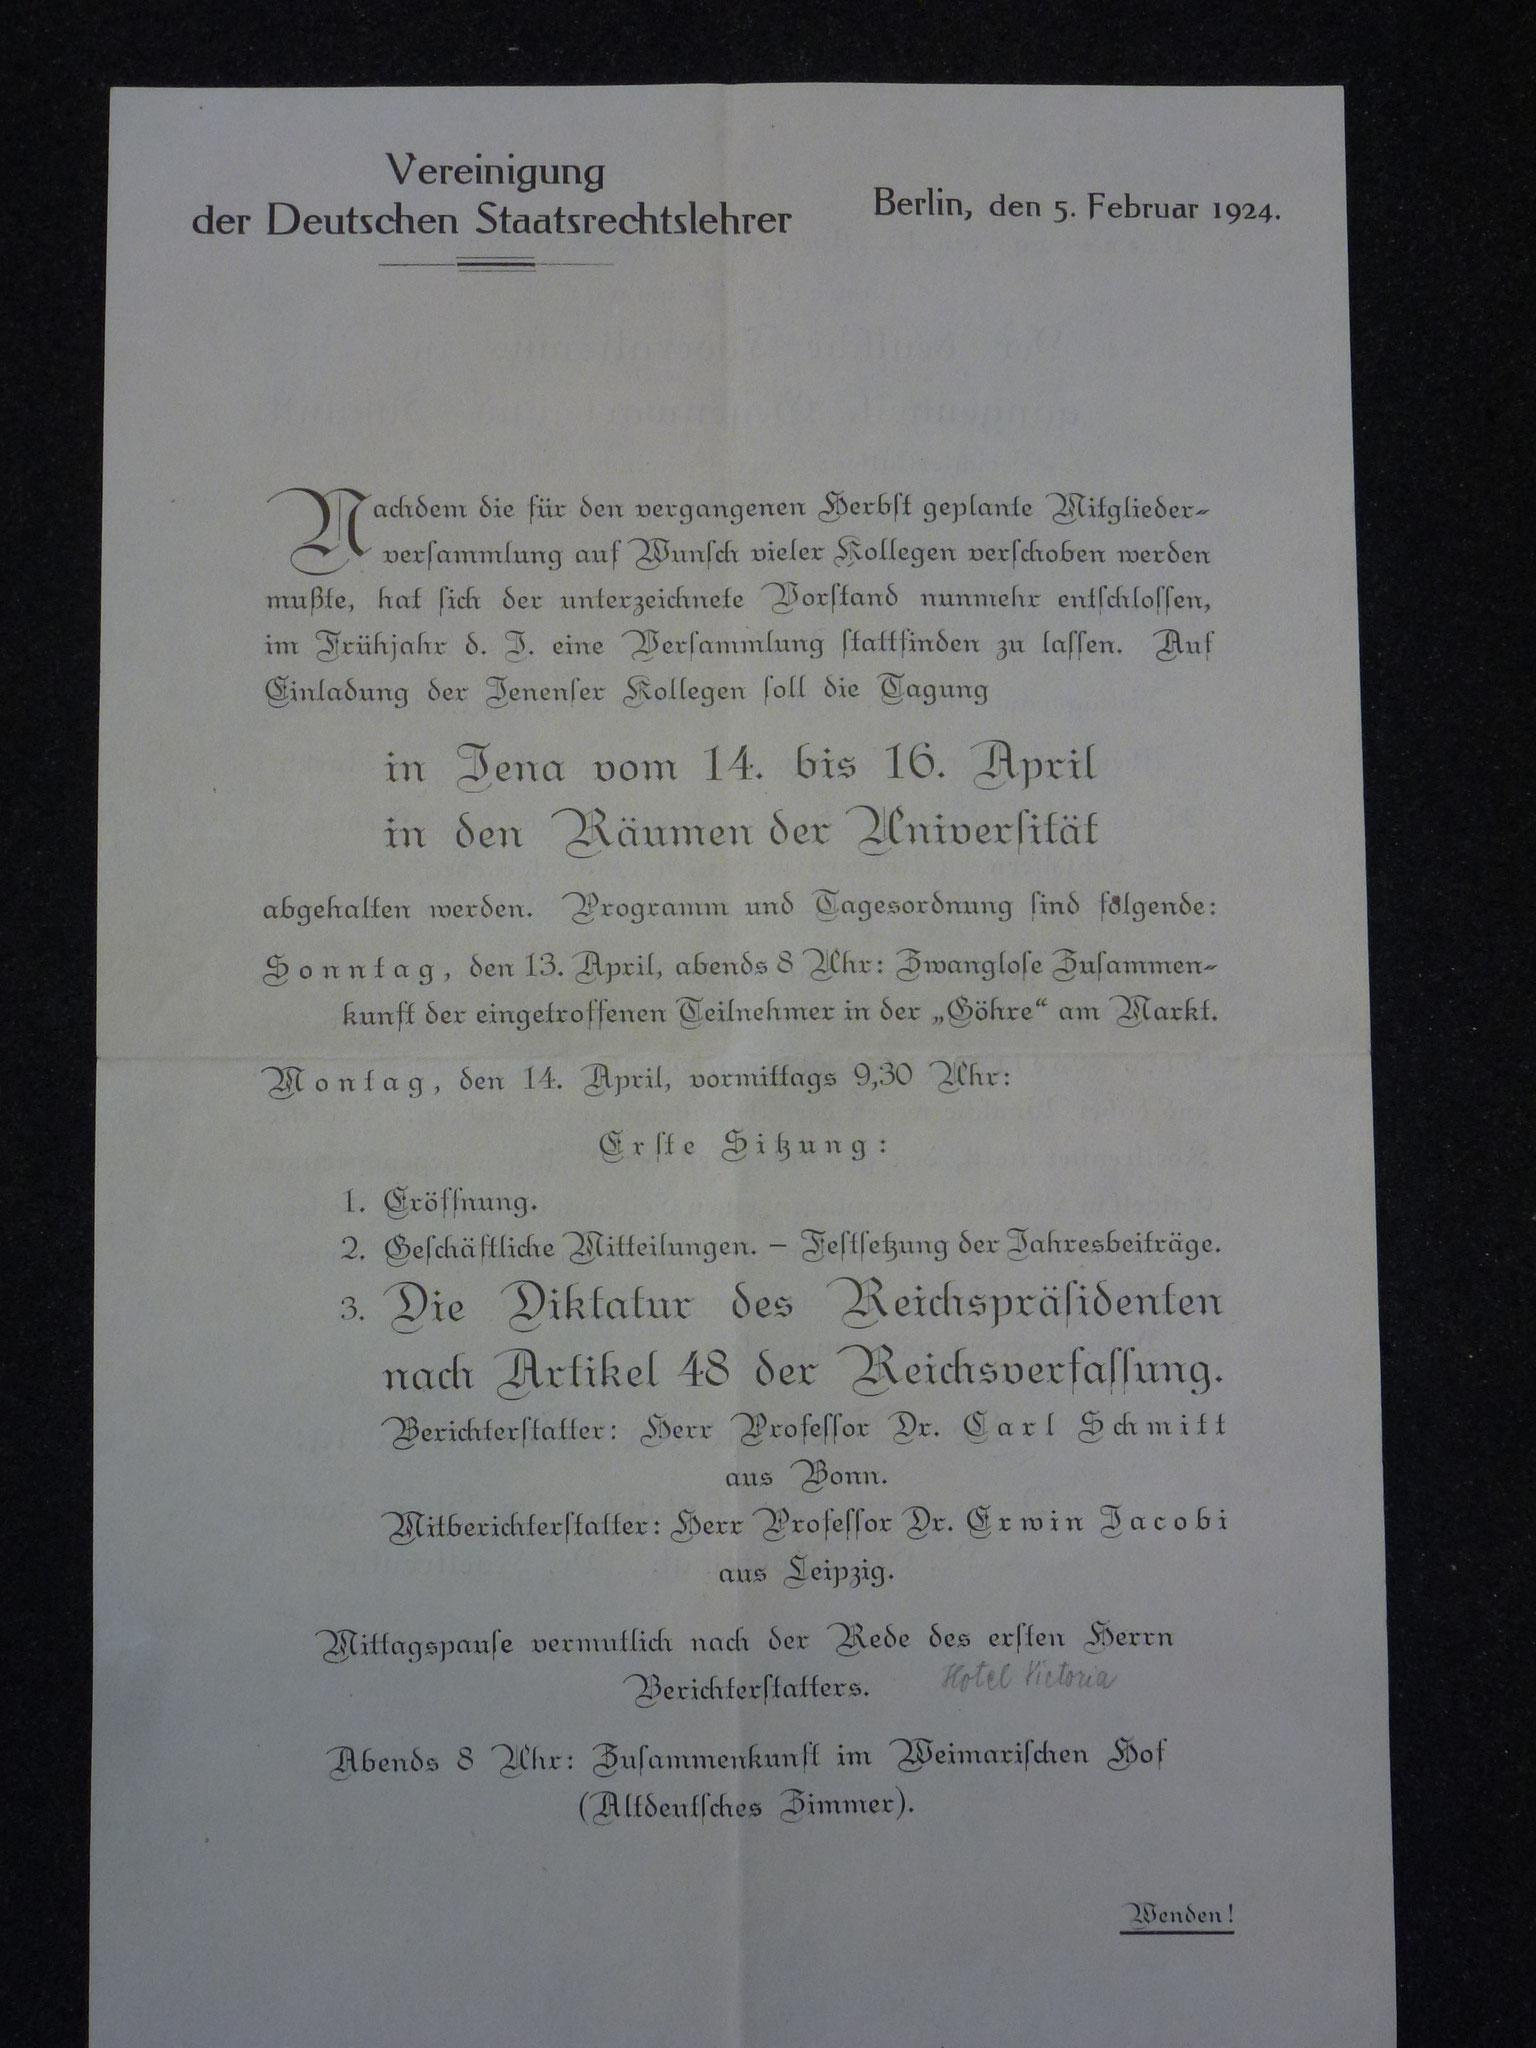 Einladung zur Tagung in Jena 1924 / 1